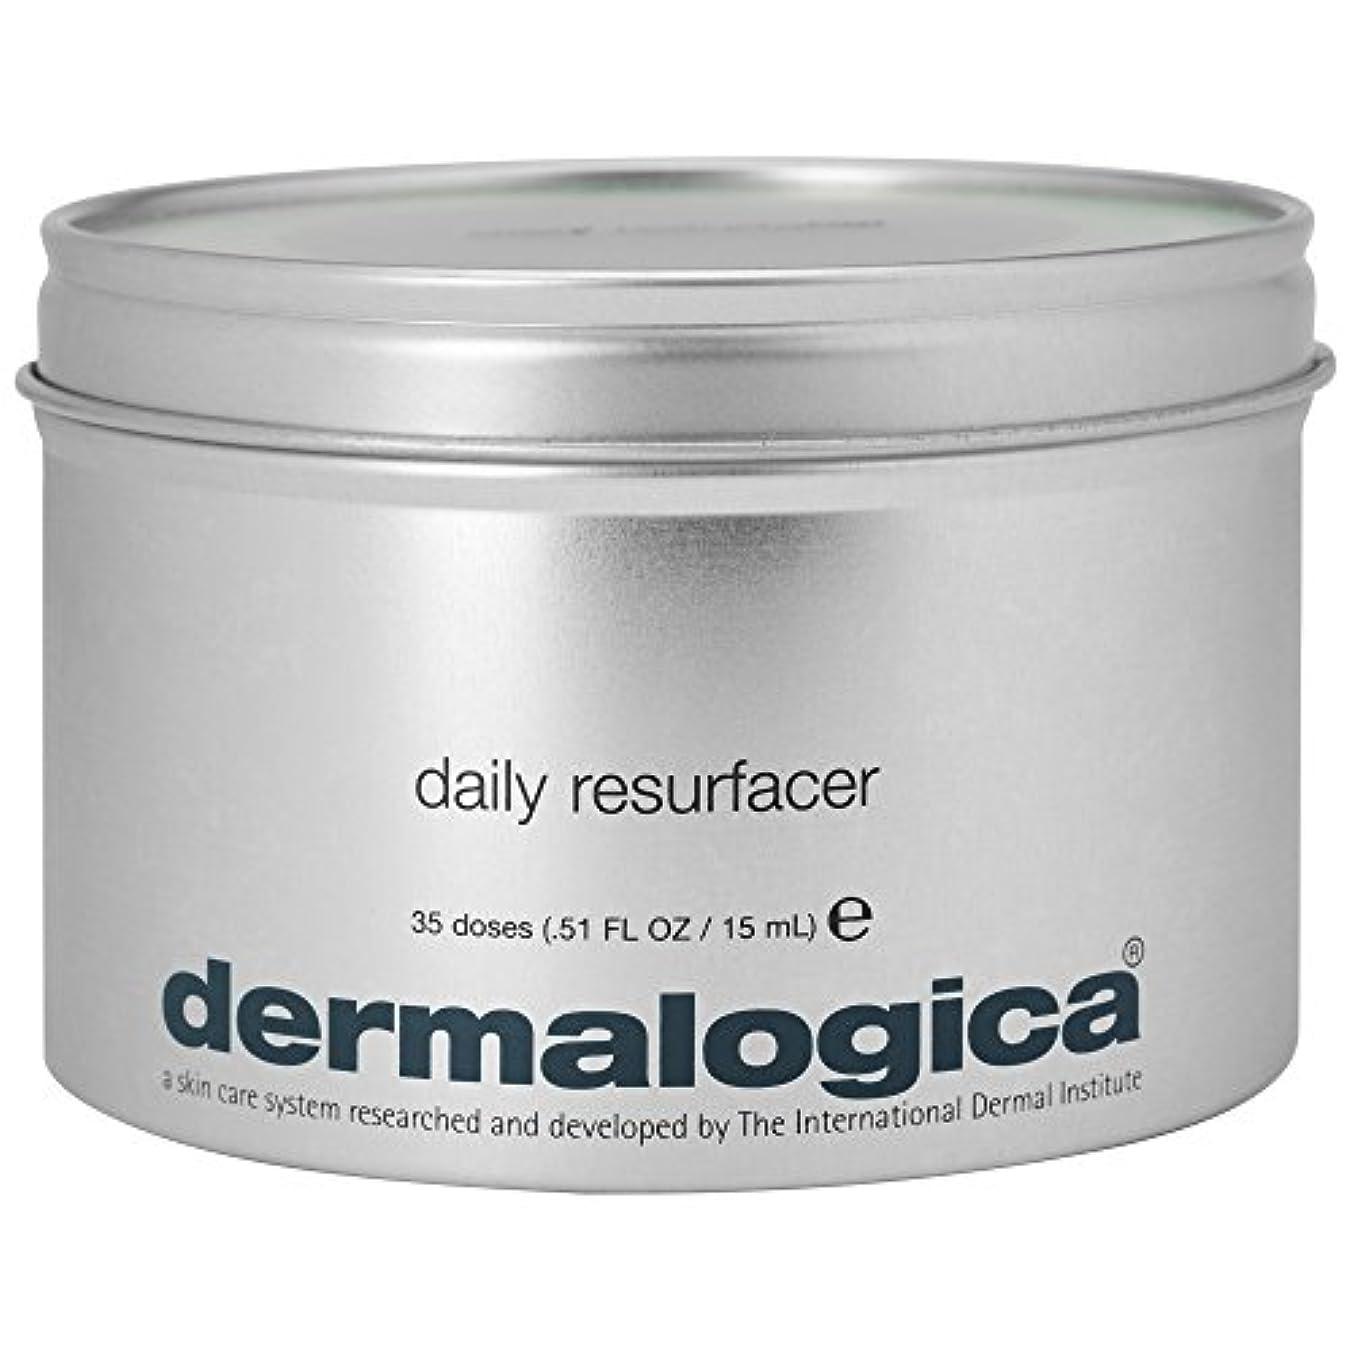 高価な靴下あえぎ35のダーマロジカ毎日Resurfacerパック (Dermalogica) (x2) - Dermalogica Daily Resurfacer Pack of 35 (Pack of 2) [並行輸入品]